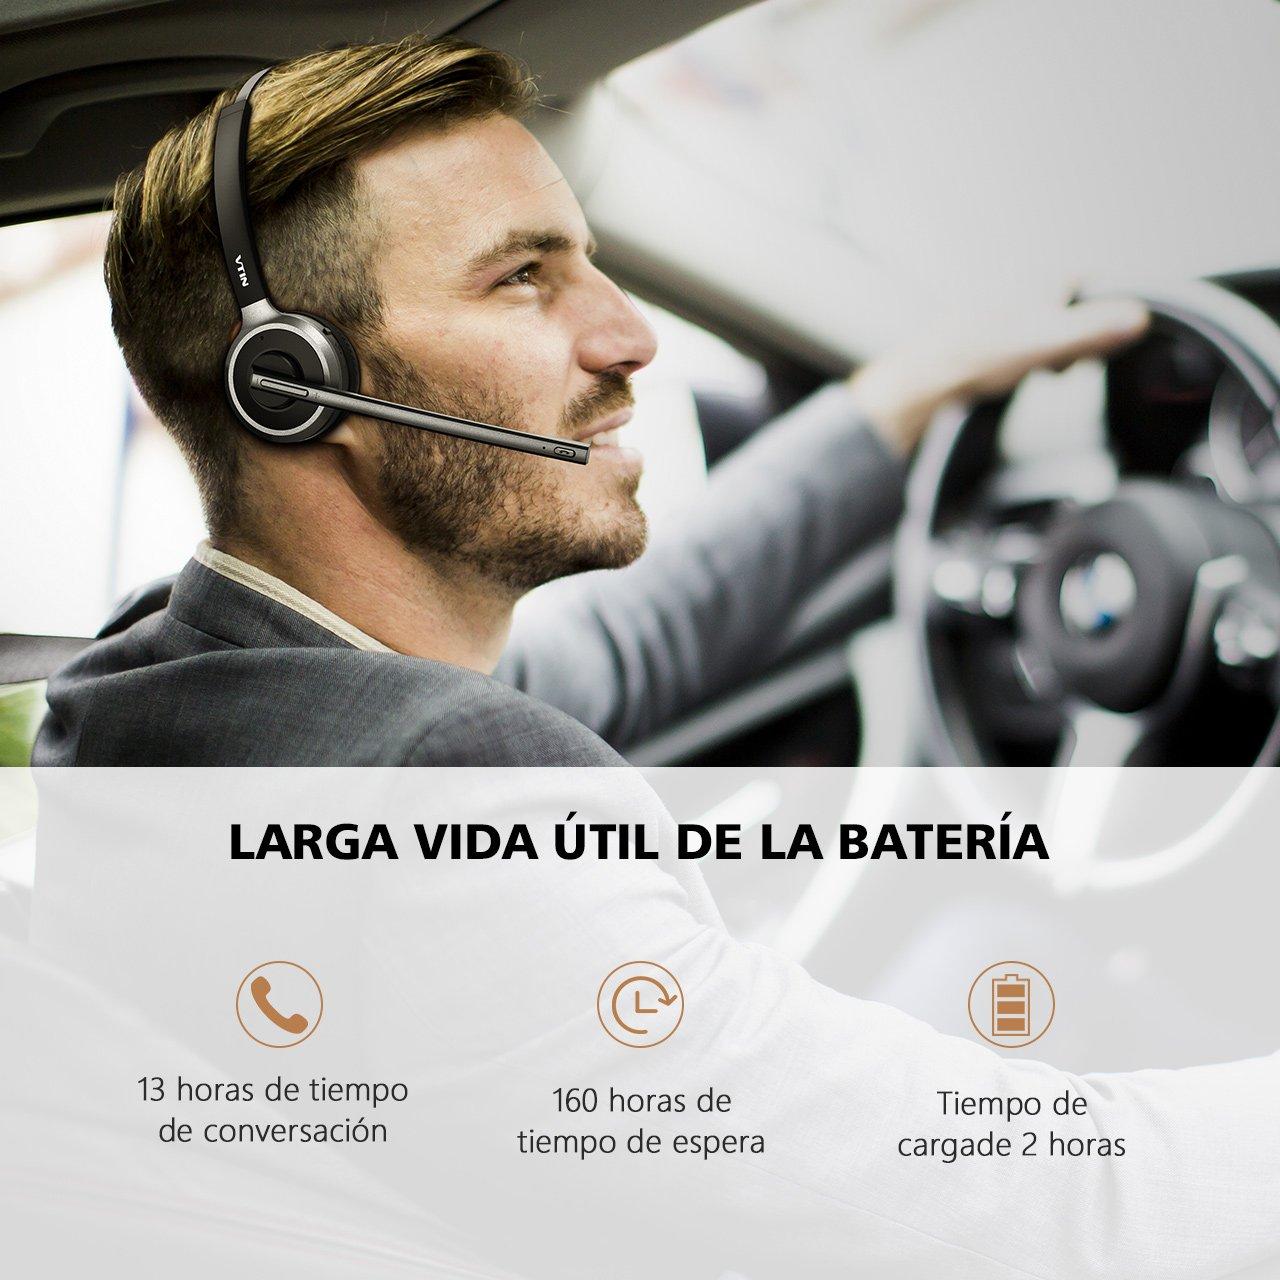 Auriculares Bluetooth 4.1 de Diadema Inalámbrico de VicTsing , Con micrófono incorporado, Manos libres y Cancelación de Ruido Hasta 13 HORAS de Conversación ...